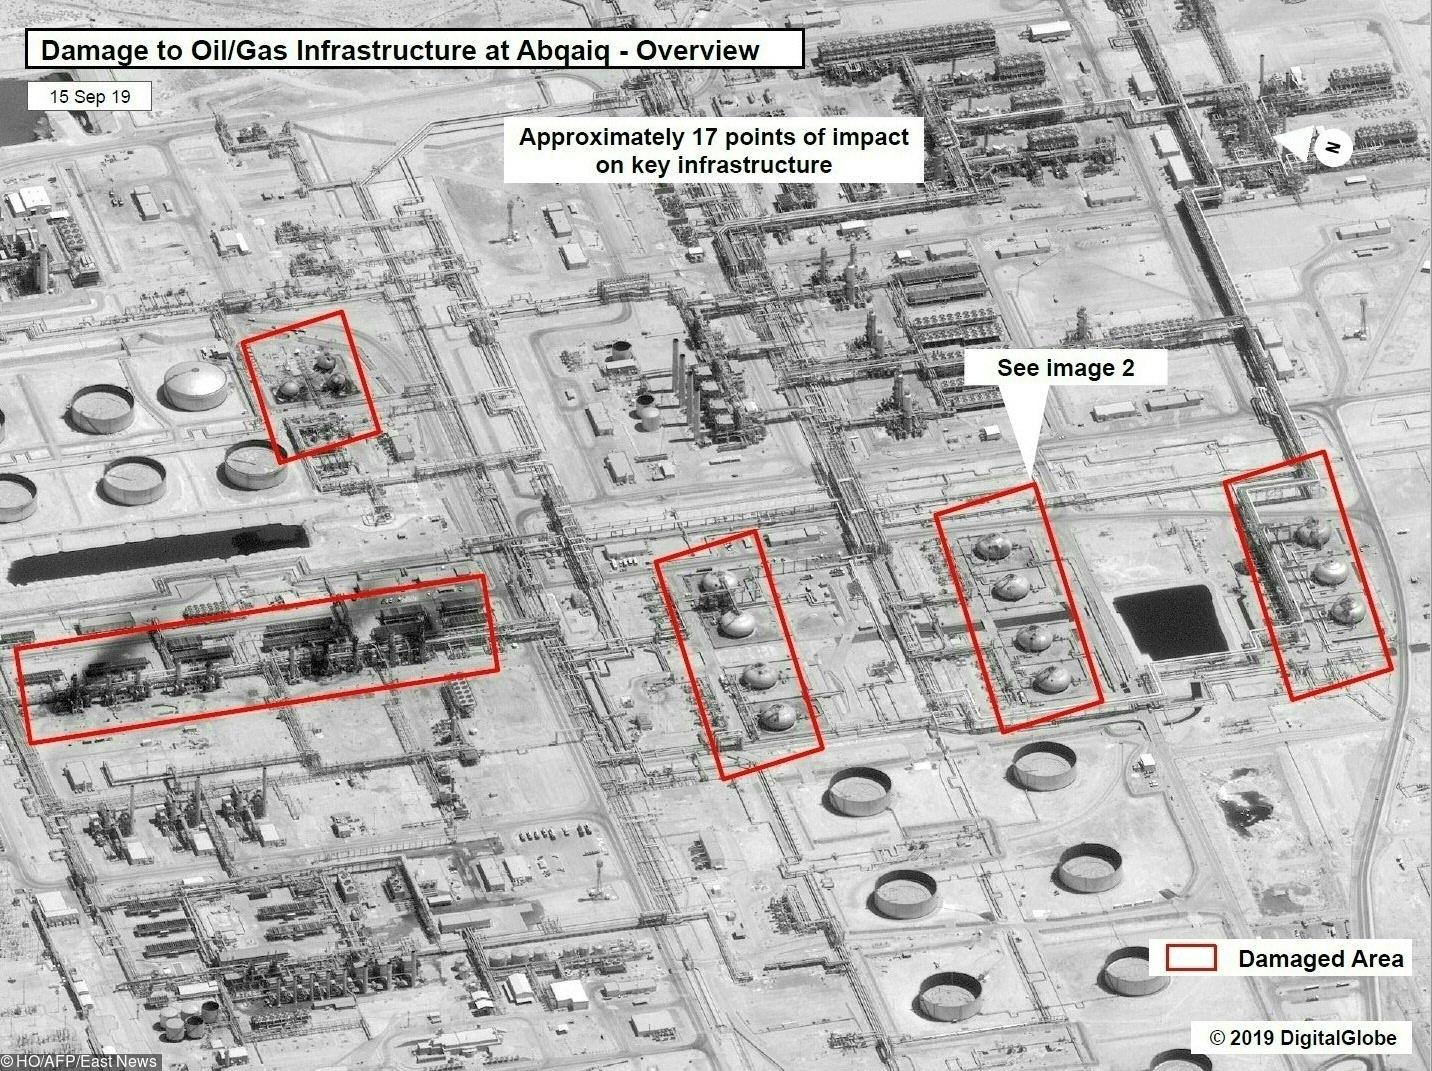 Последствия атаки нанефтяные объекты вАбкайке